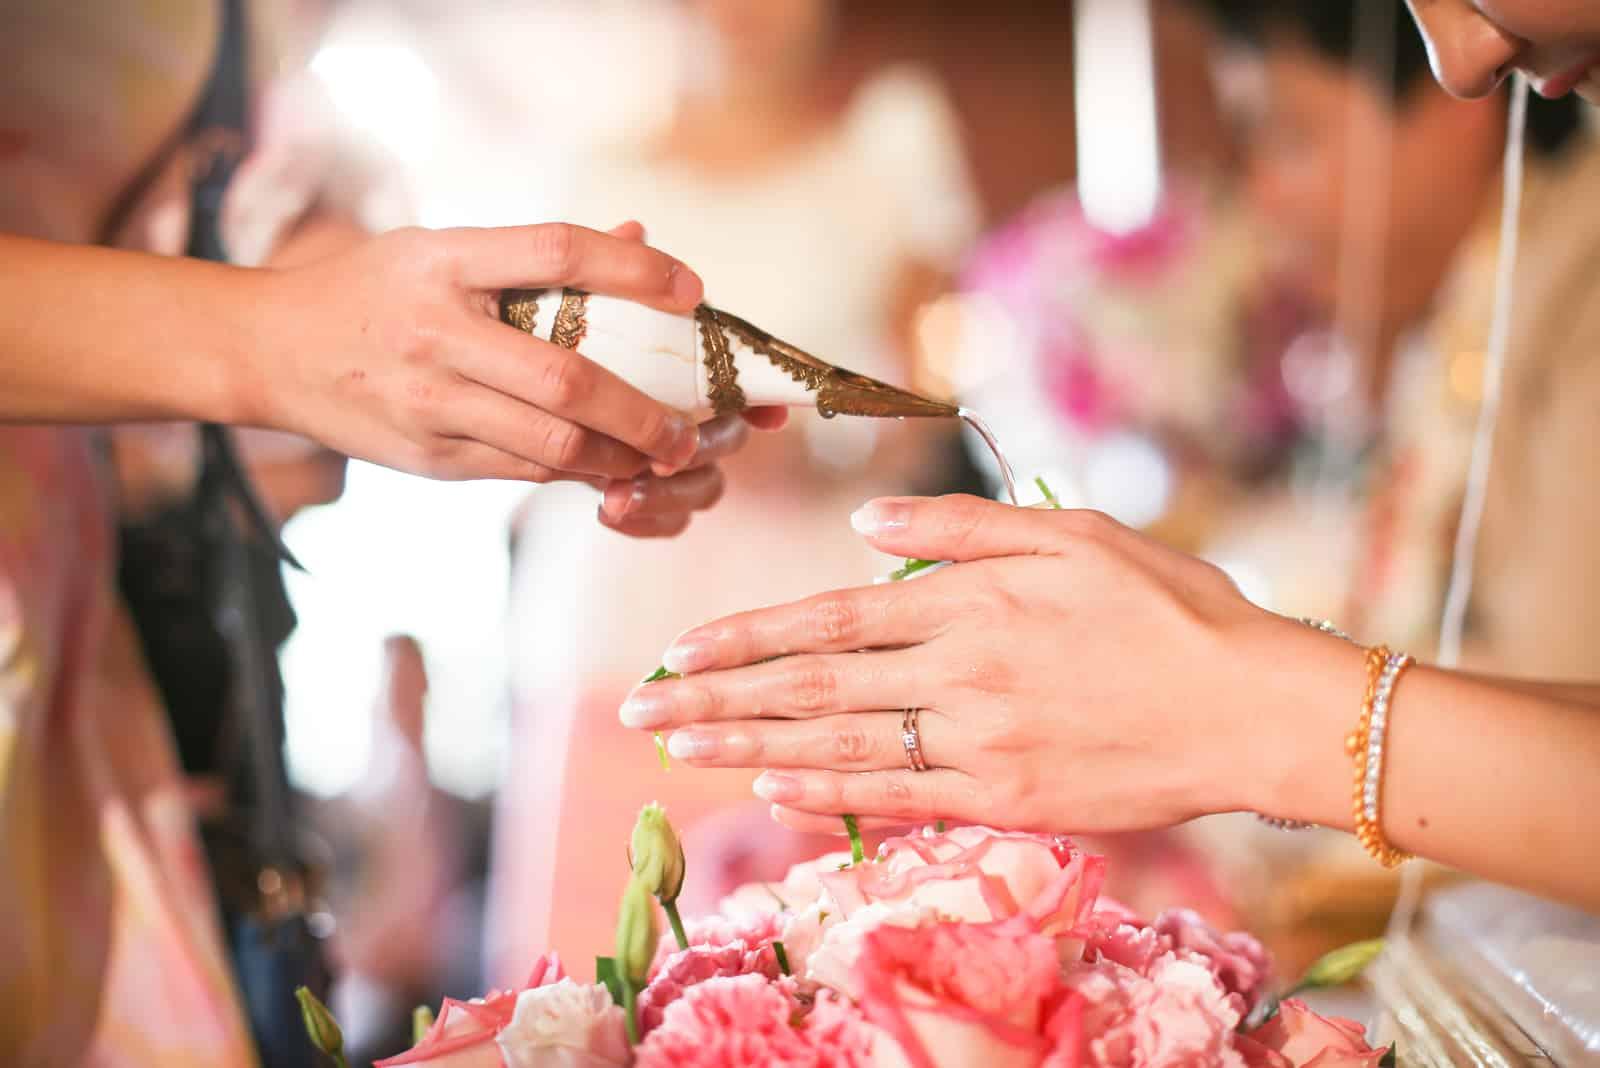 Hände, die Segenwasser in Brautbänder gießen, thailändische Hochzeit